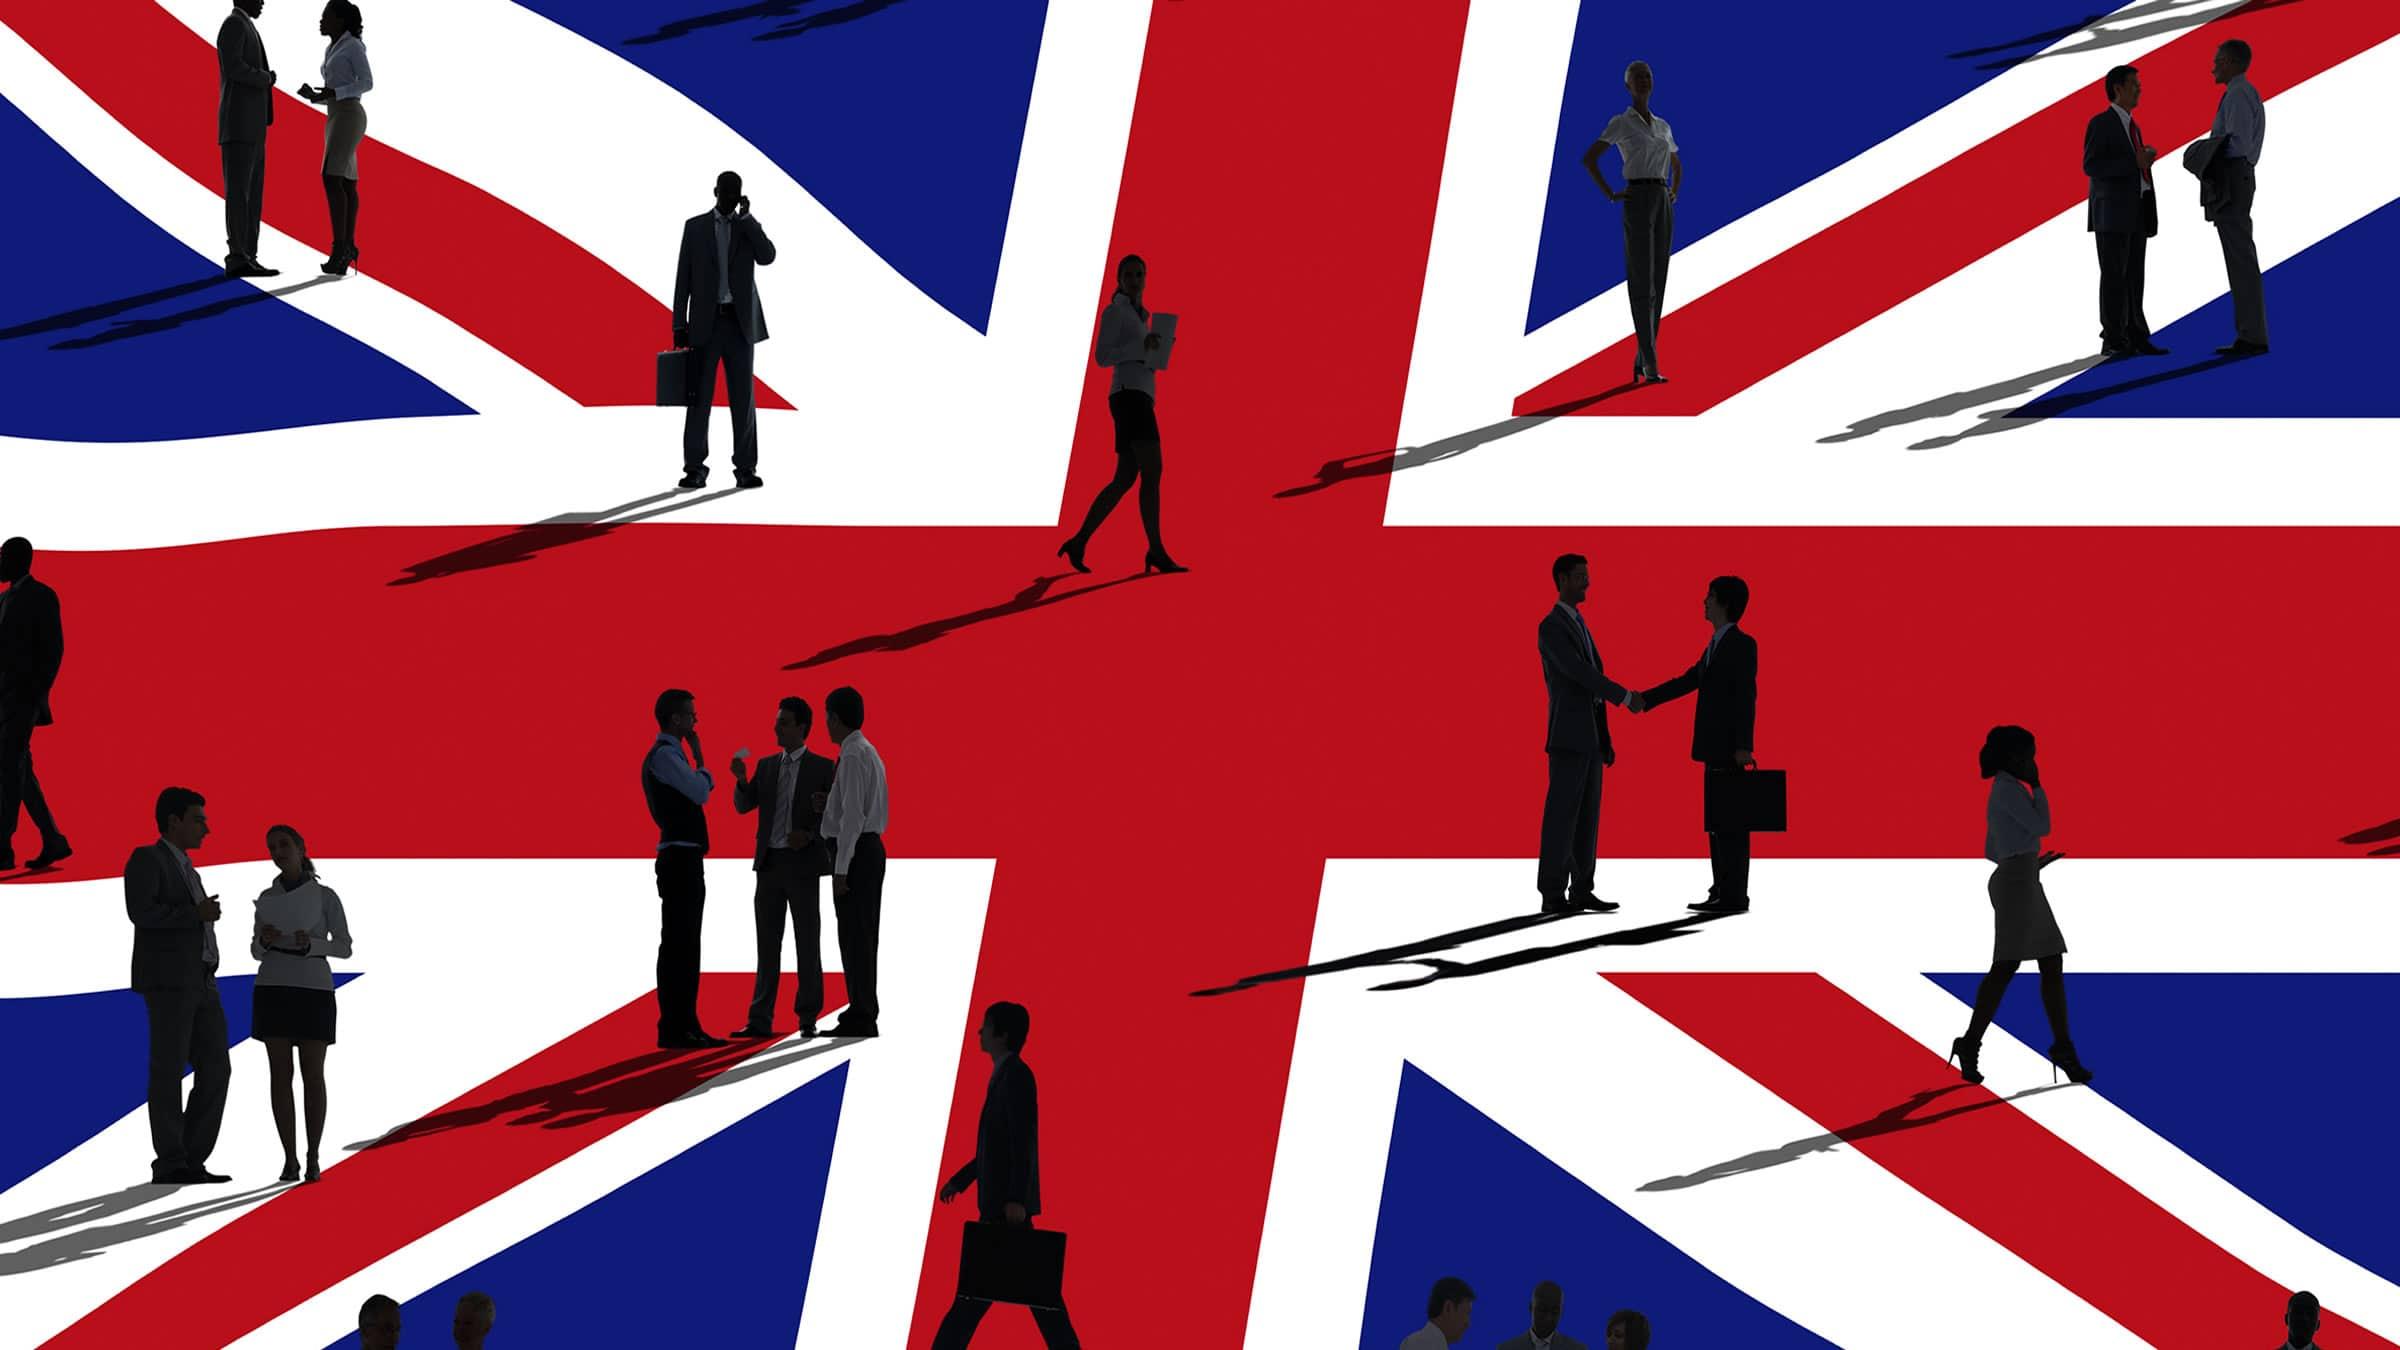 Caracteristica de la cultura inglesa